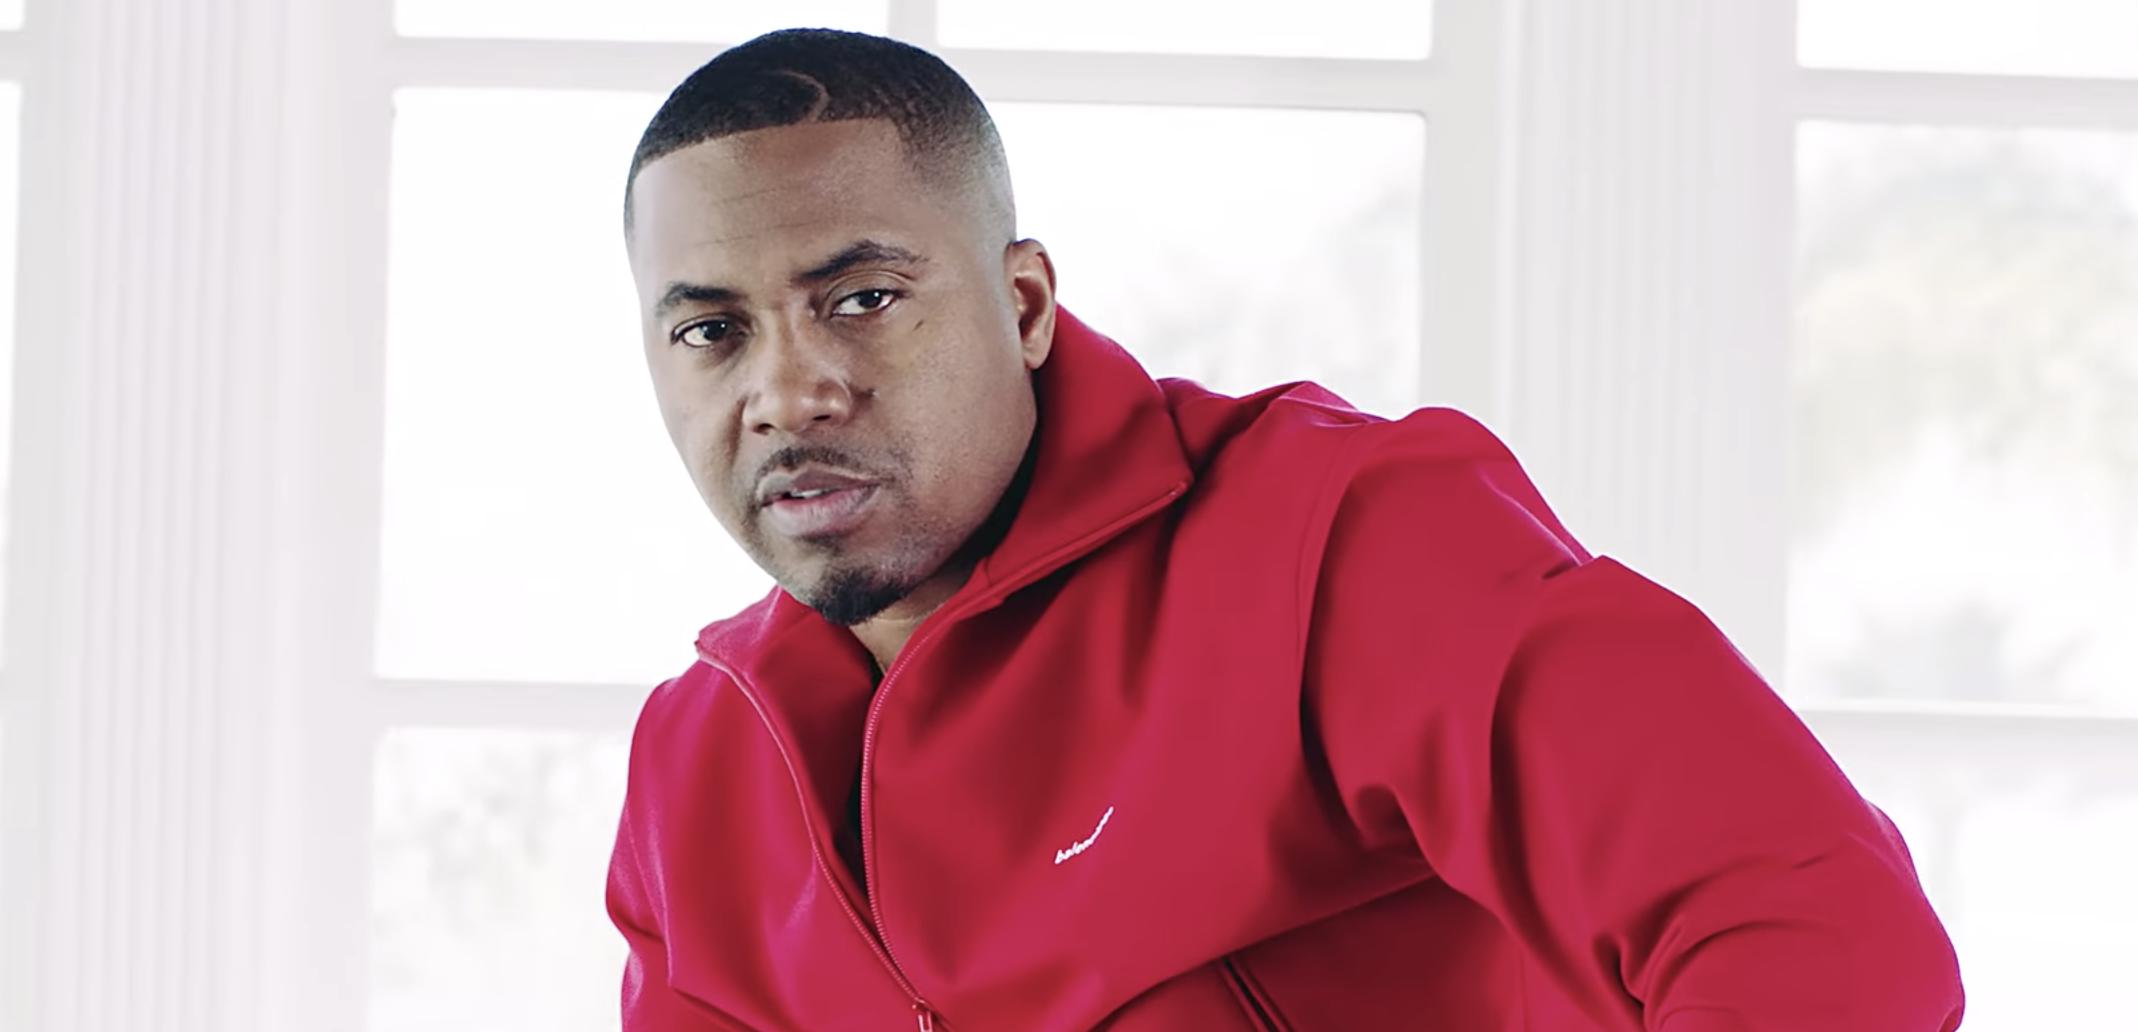 """""""King's Disease"""": Nas veröffentlicht neues Album   16BARS"""